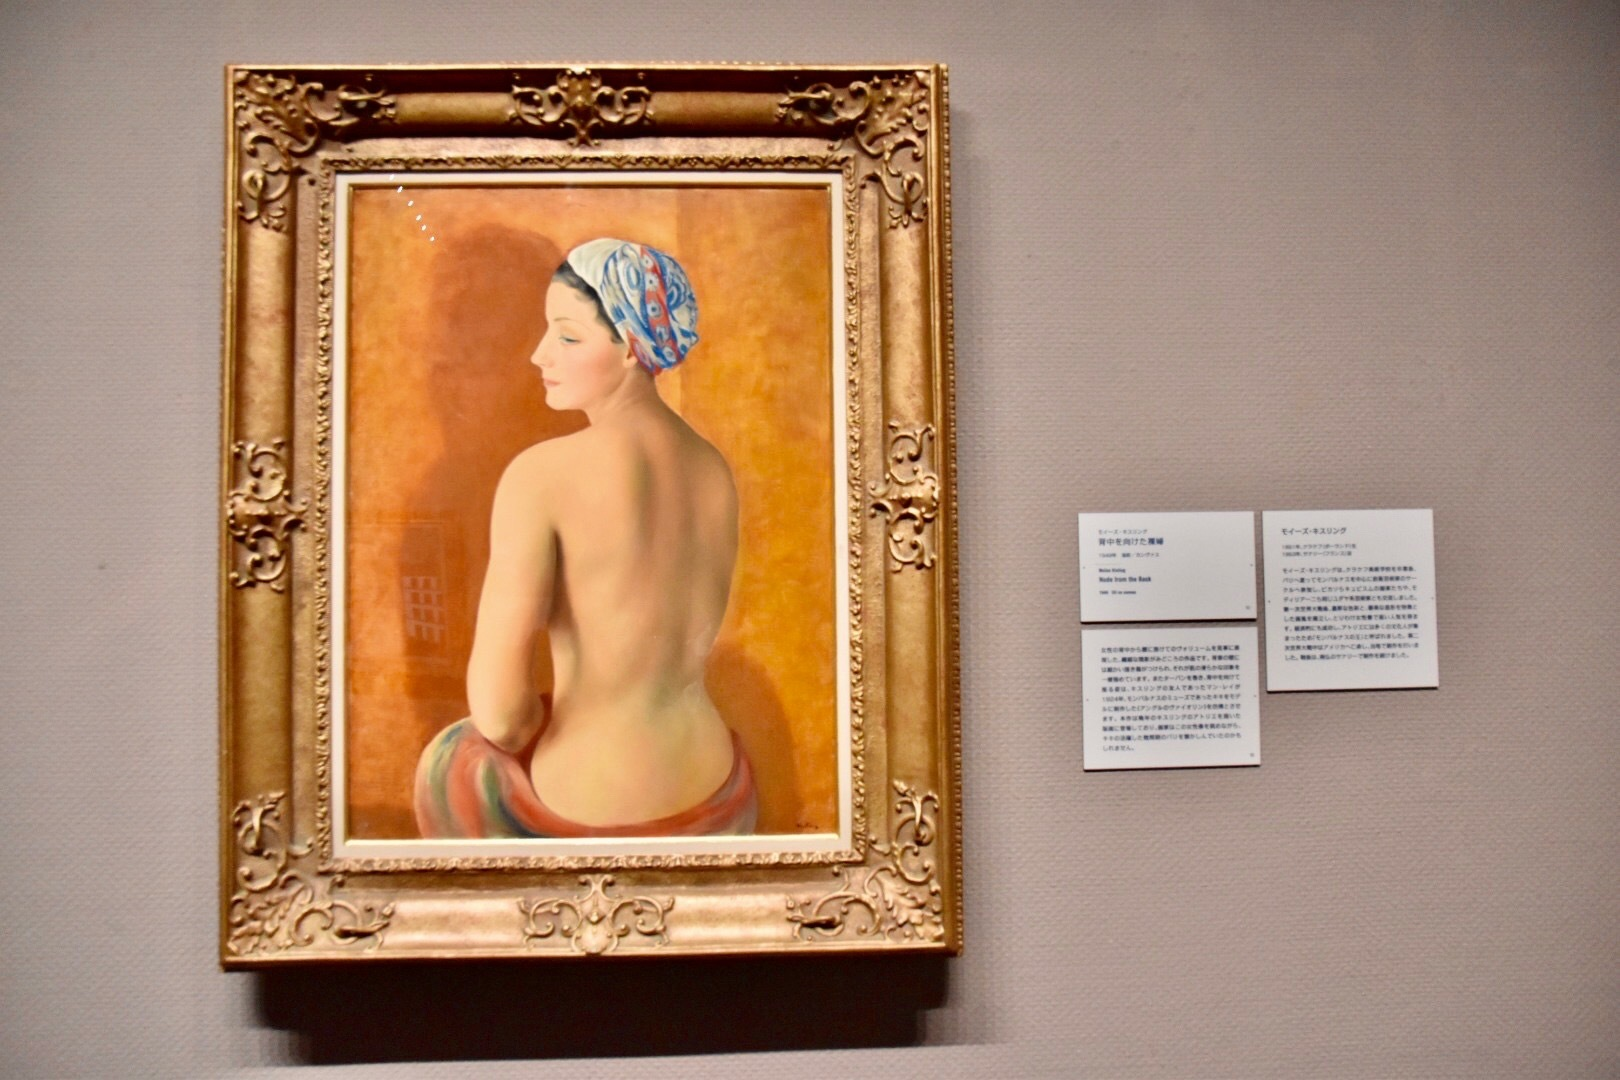 モイーズ・キスリング 《背中を向けた裸婦》 1949年 吉野石膏コレクション